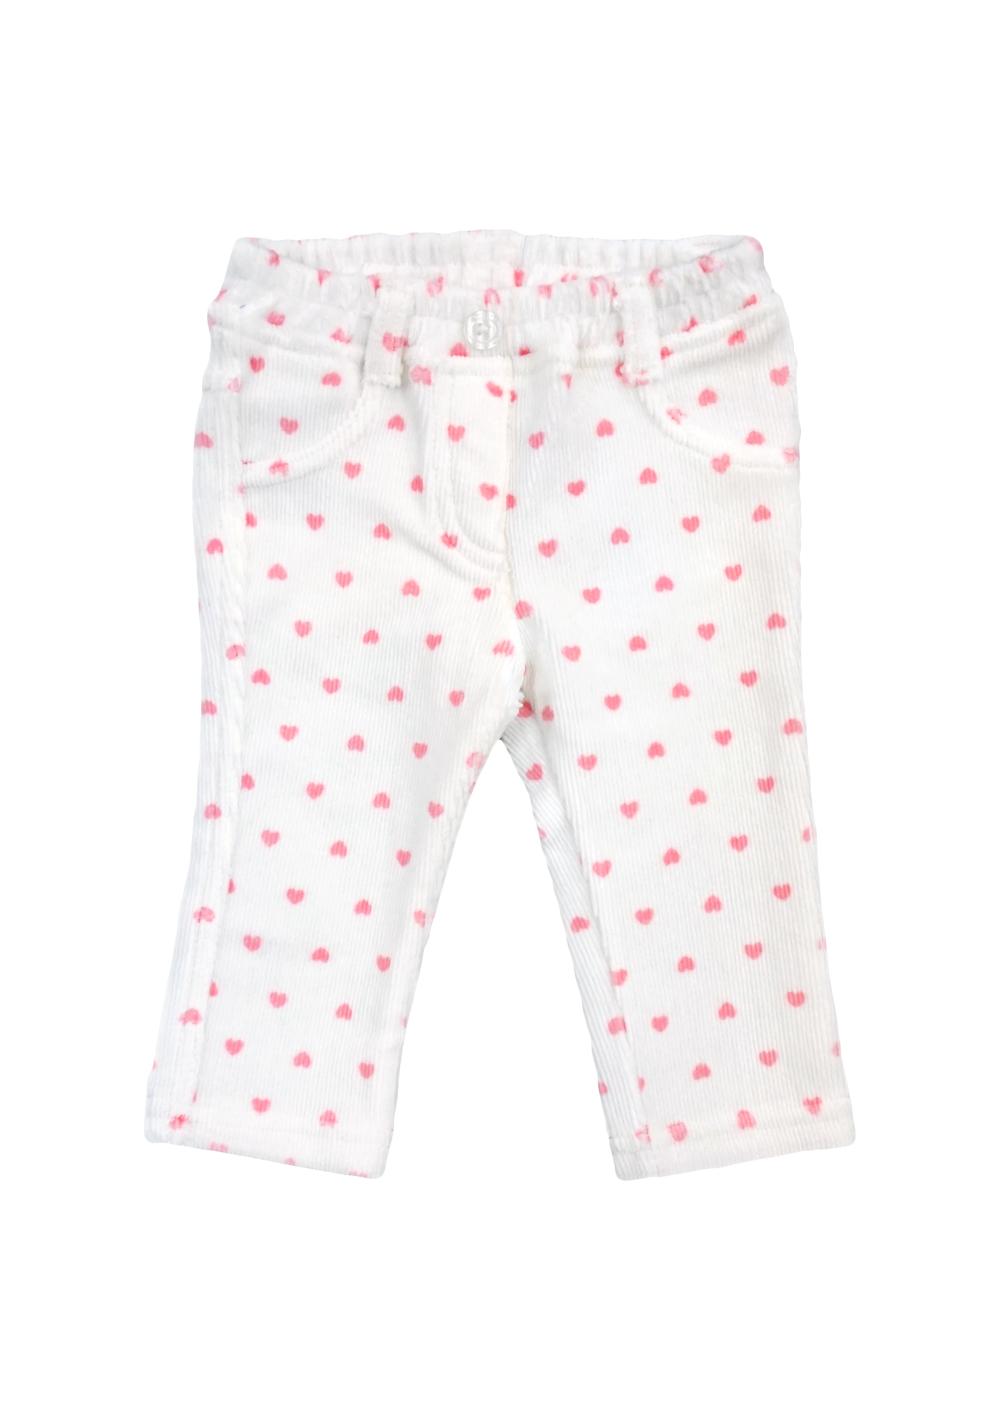 6b1c062f6 Newborn-Pants 7